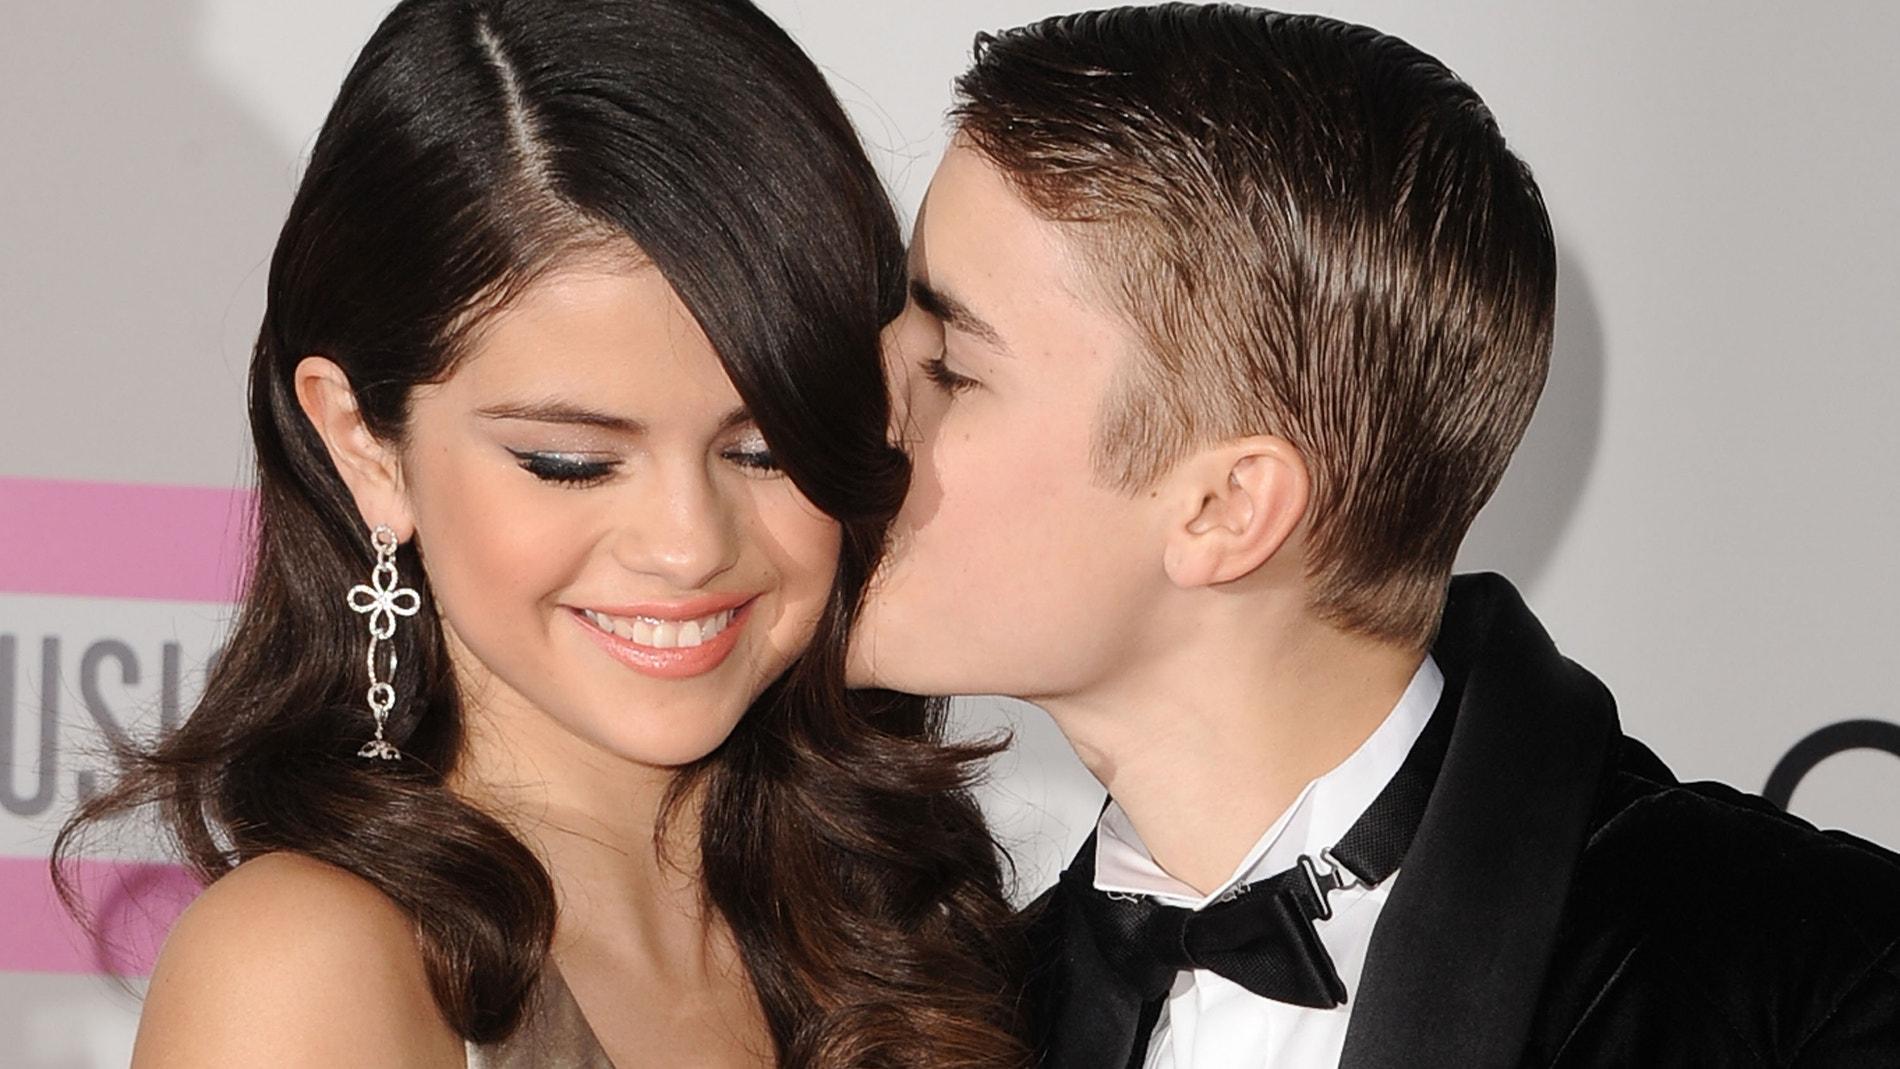 Selena Gomez y Justin Bieber en 2011, cuando salían juntos